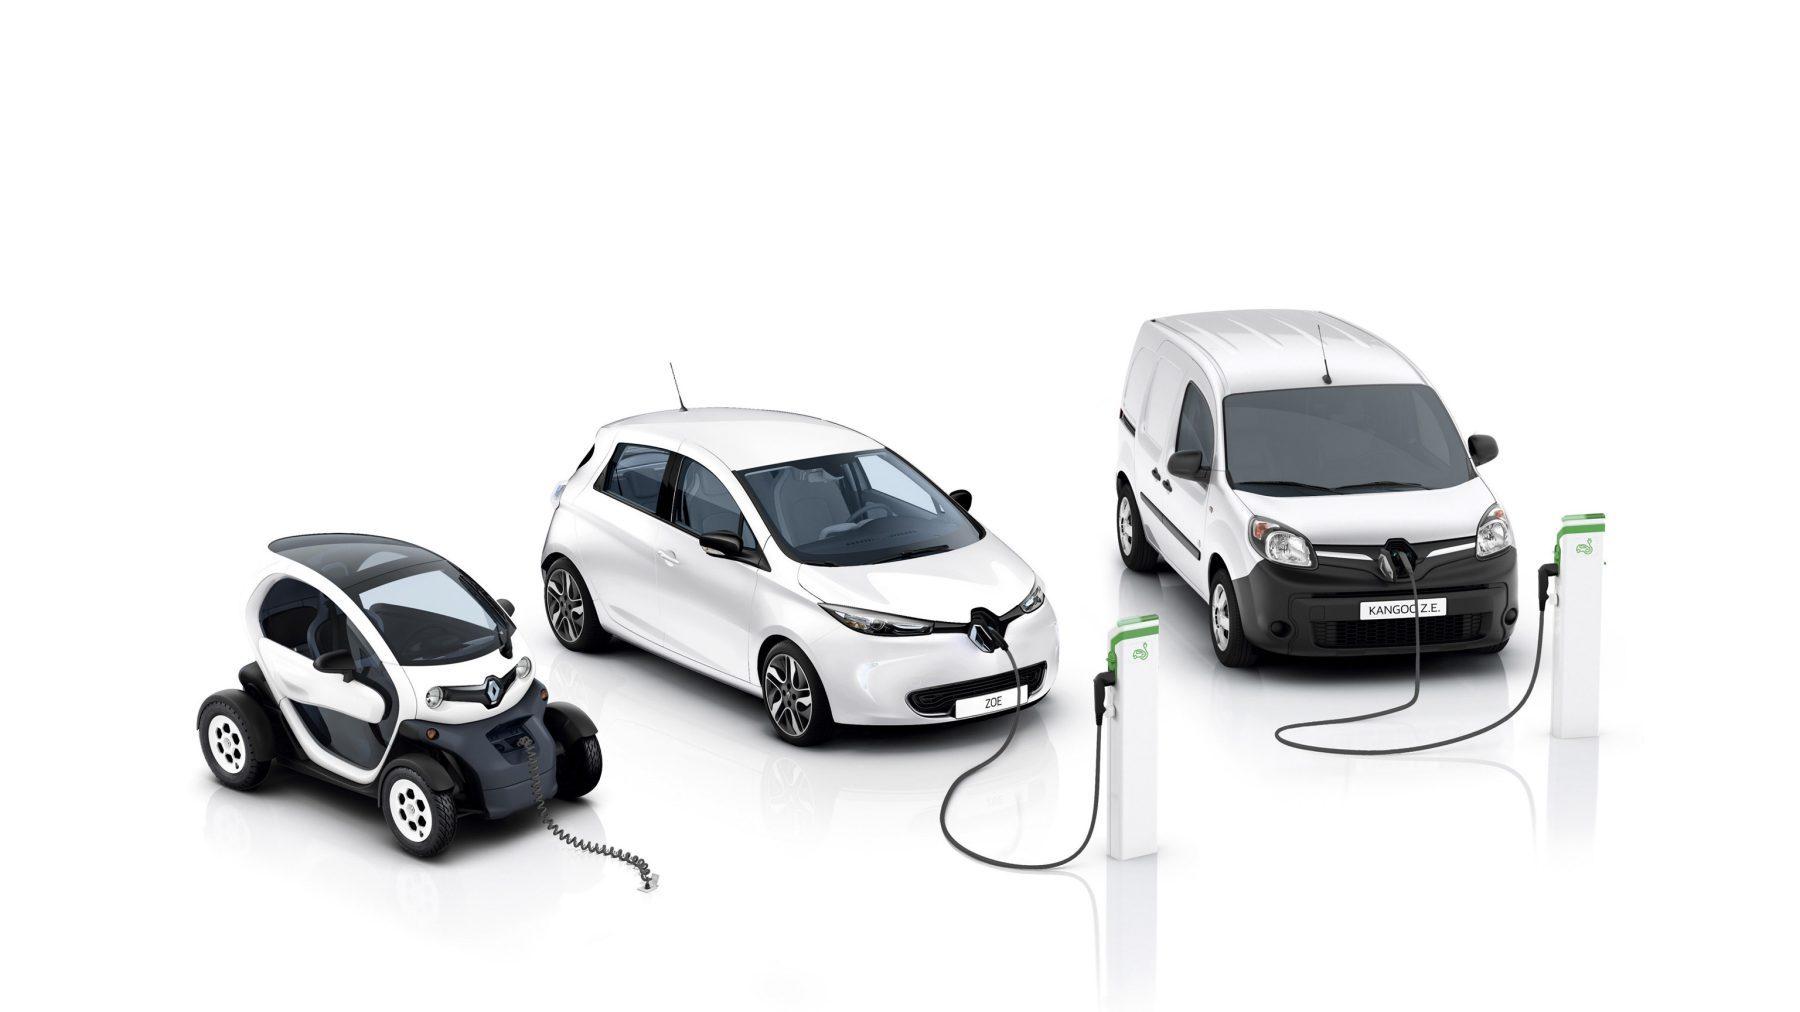 Voitures et véhicules utilitaires électriques Renault